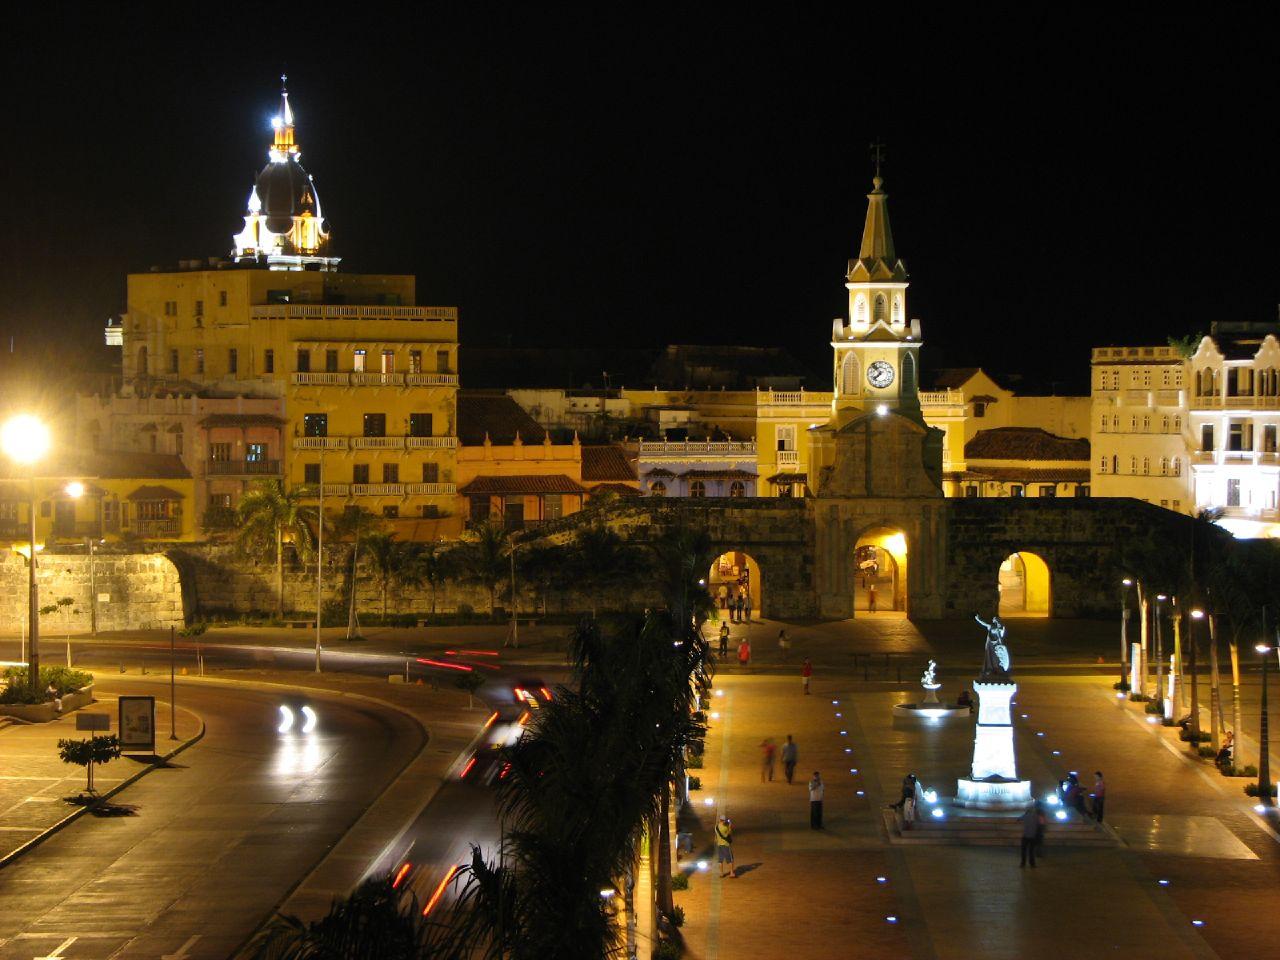 Sitios Turisticos De Cartagena De Indias D.T y C